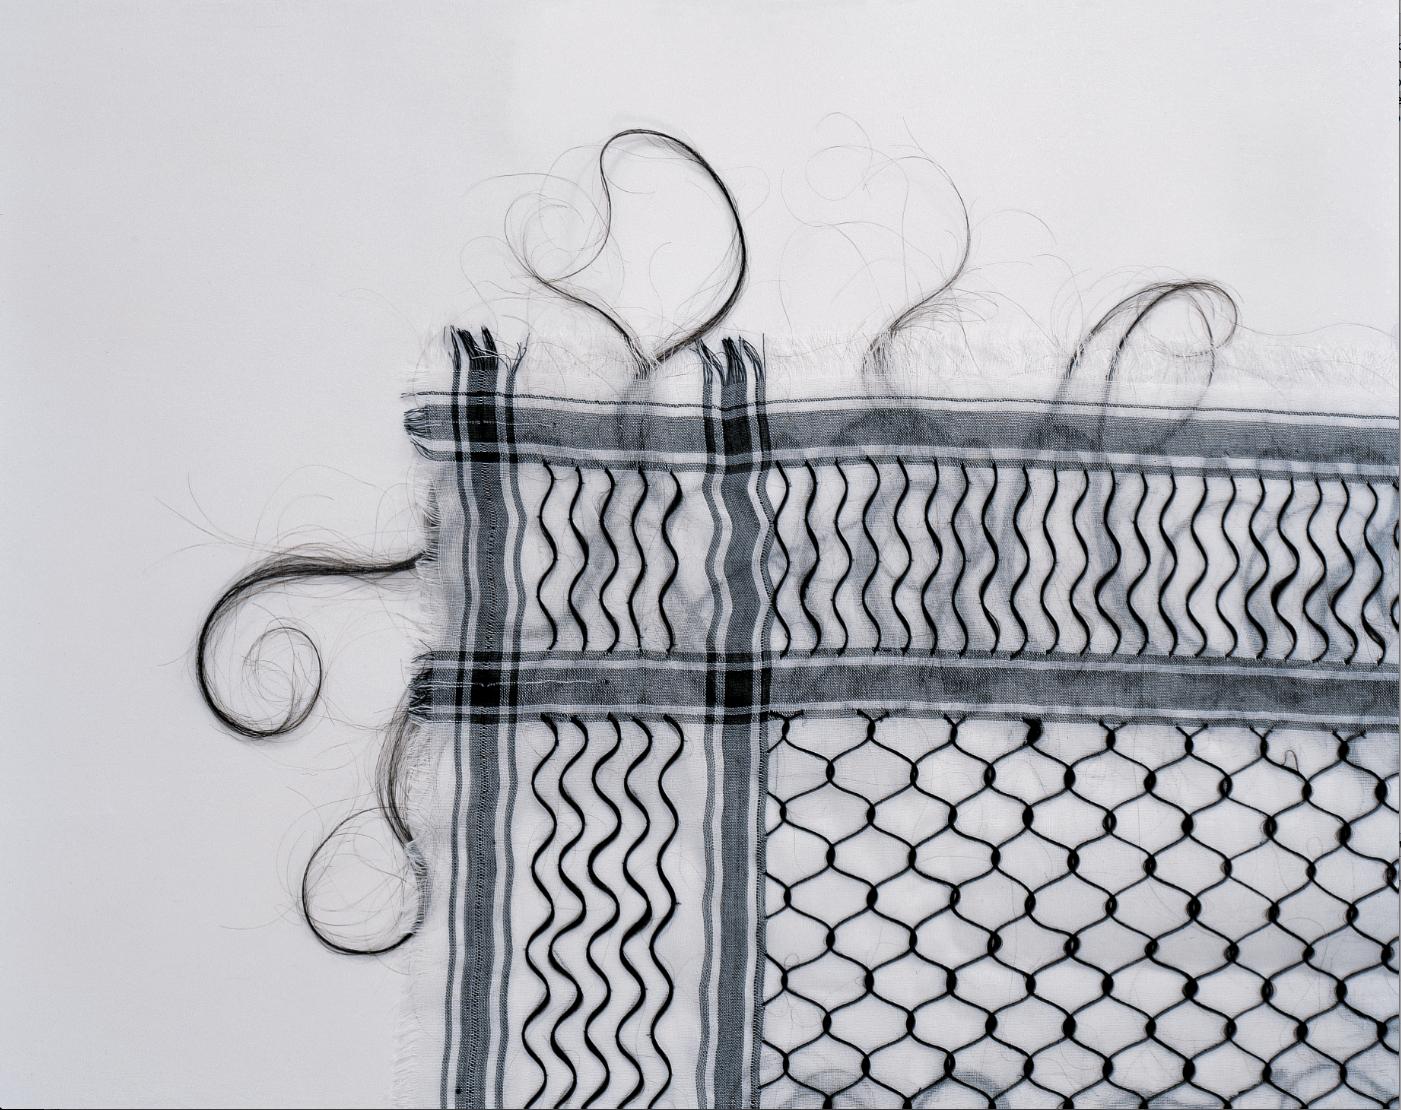 Exposition Ulysses, Itinéraire d'art contemporain,Keffieh 1993-99, Human hair on cotton fabric, détail, Mona Hatoum ©Hugo Glendinning Courtesy White Cube